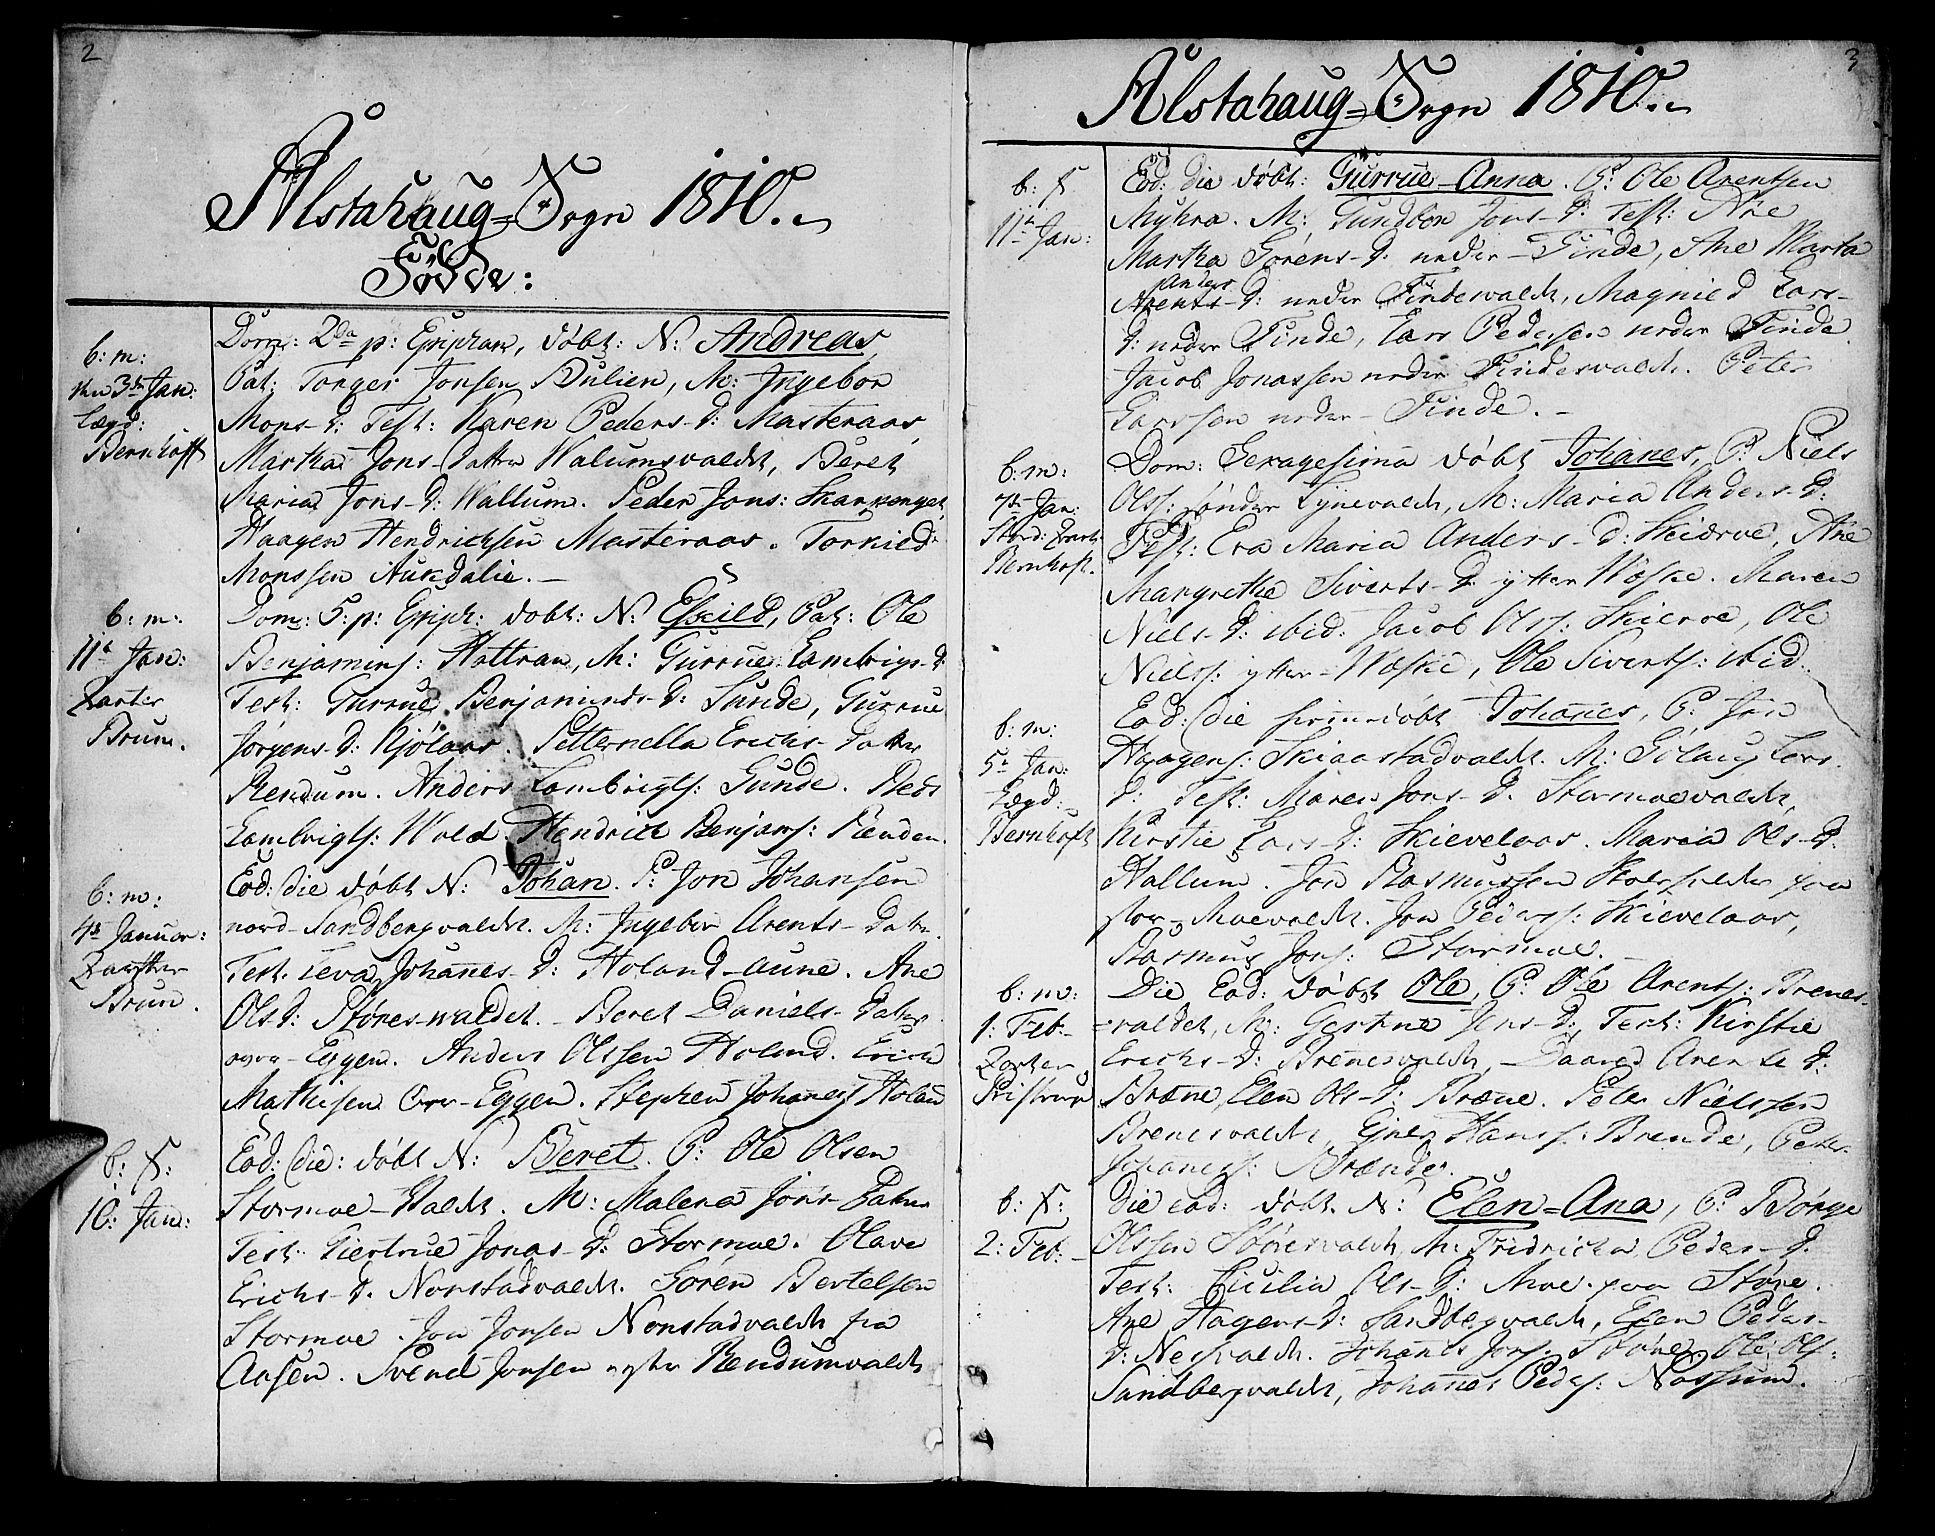 SAT, Ministerialprotokoller, klokkerbøker og fødselsregistre - Nord-Trøndelag, 717/L0145: Ministerialbok nr. 717A03 /1, 1810-1815, s. 2-3